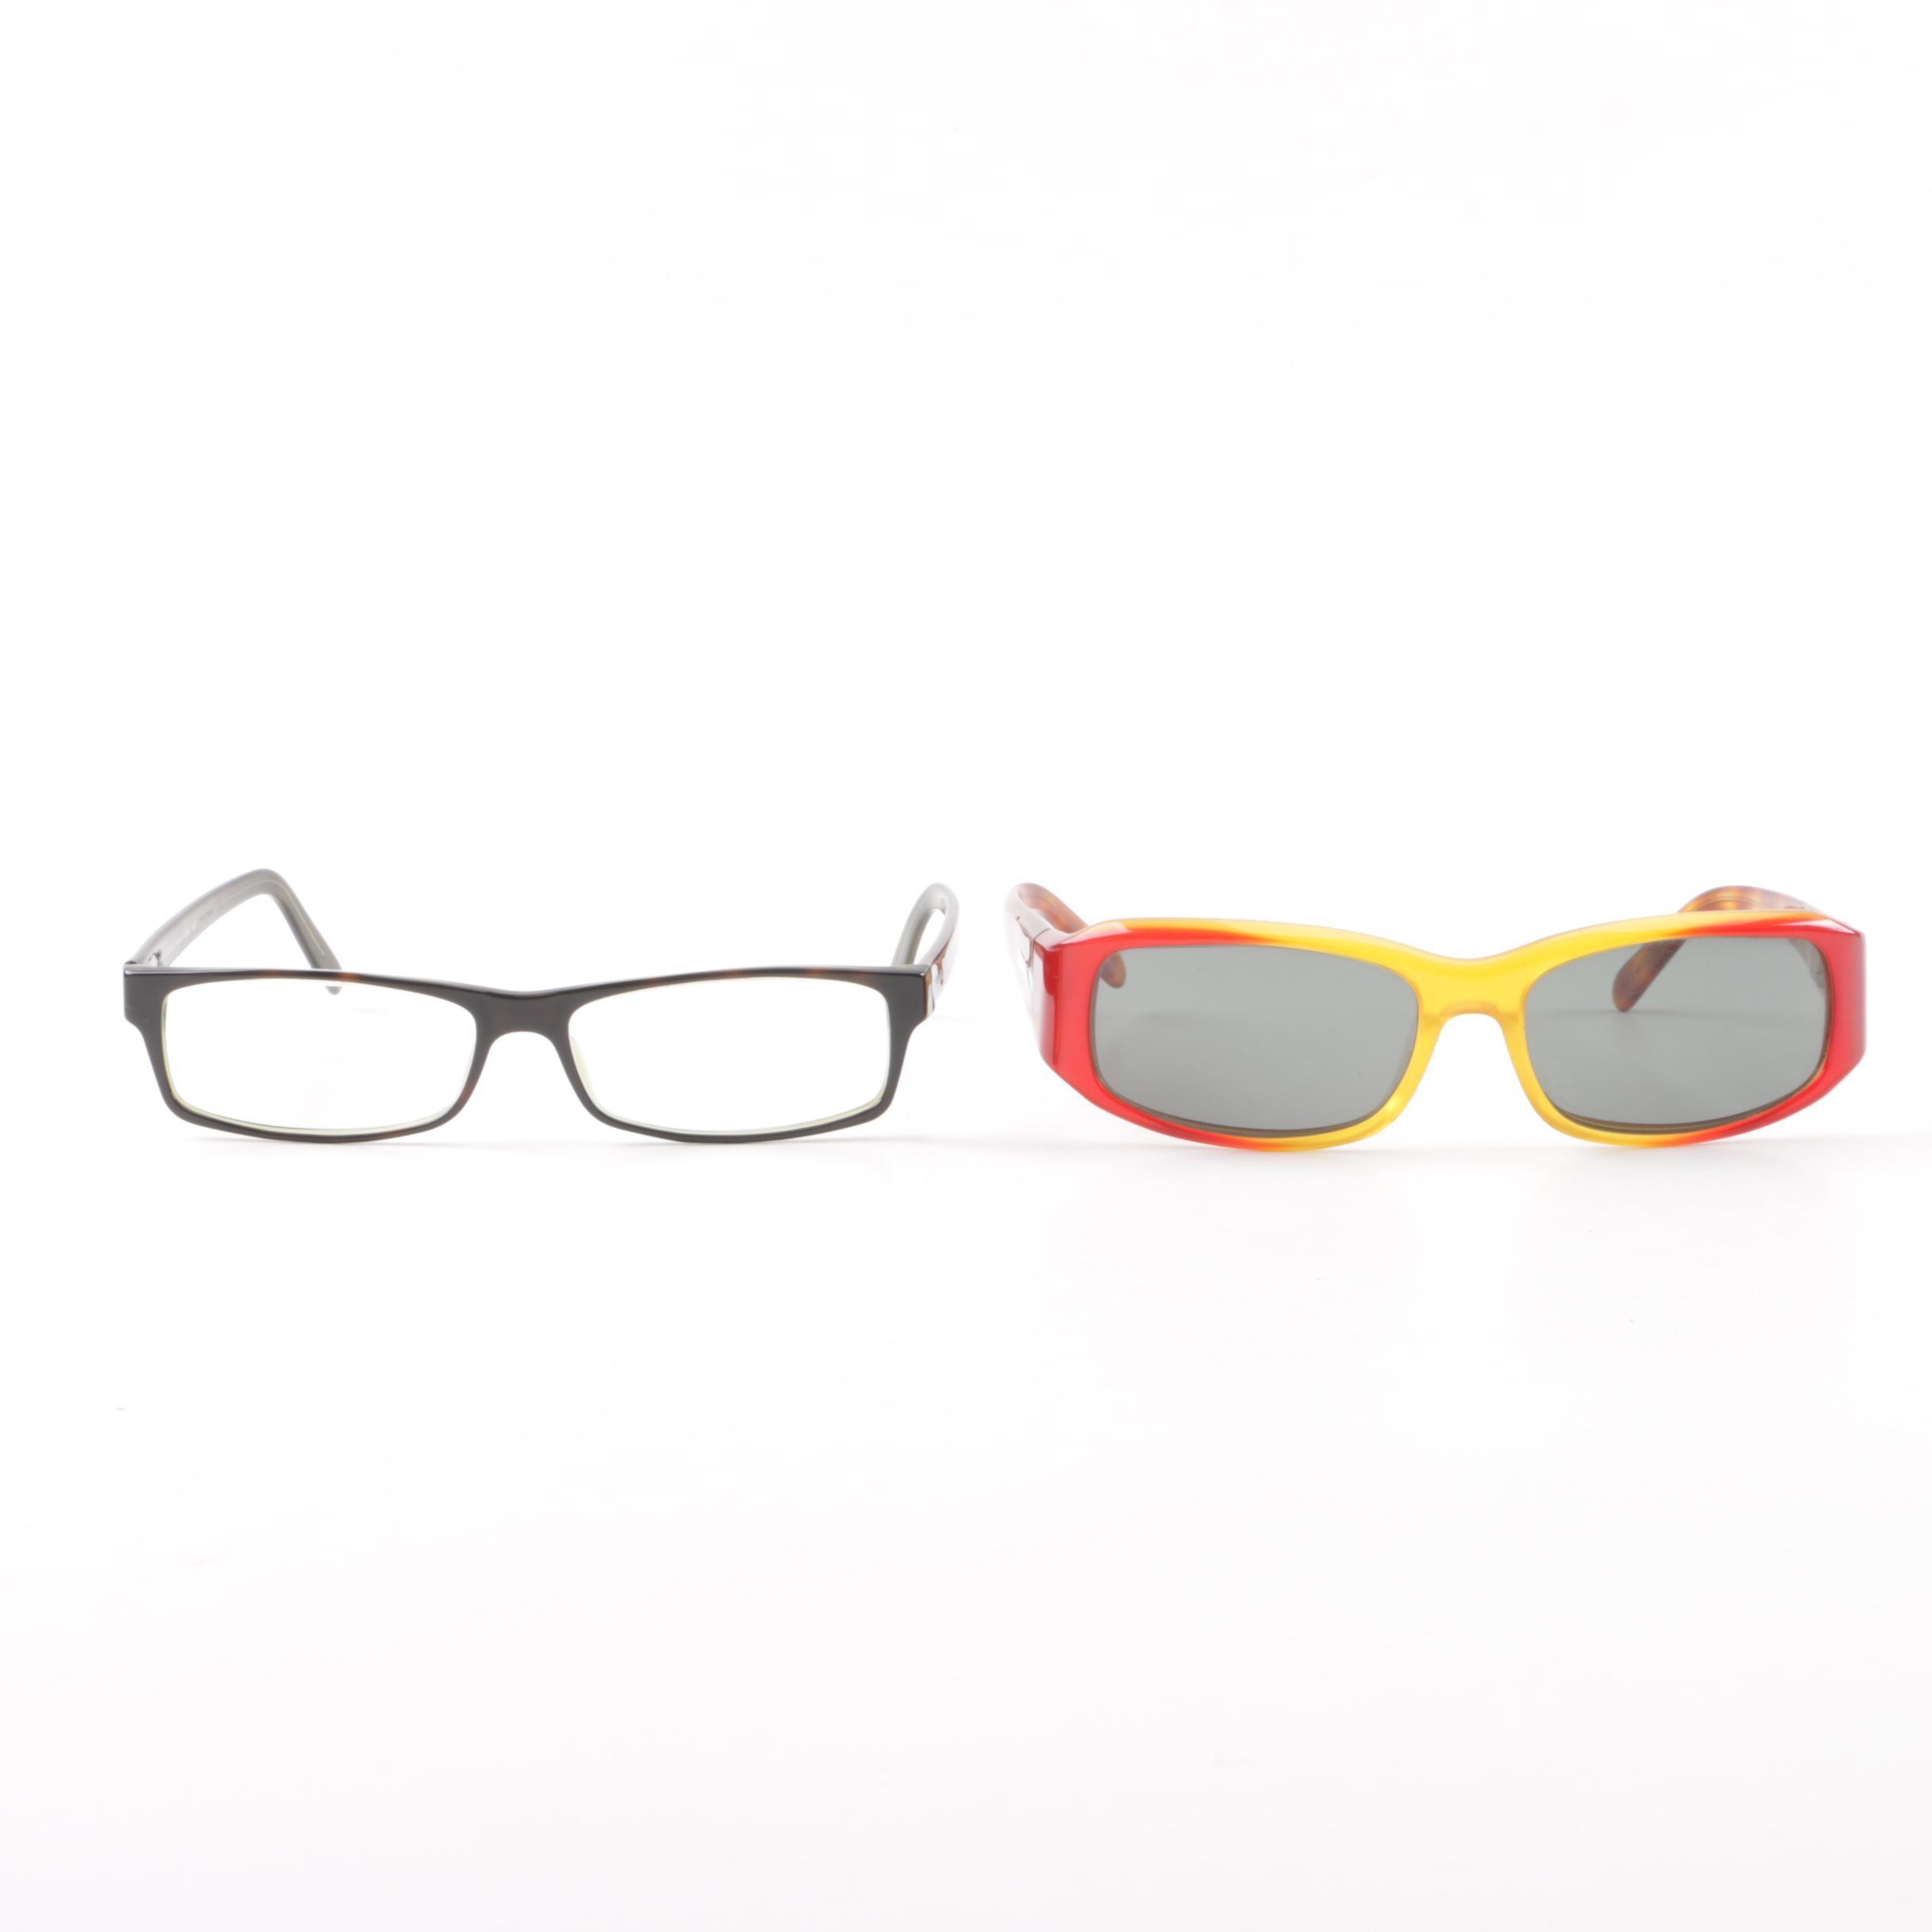 Prada Sunglasses and Prescription Eyeglasses